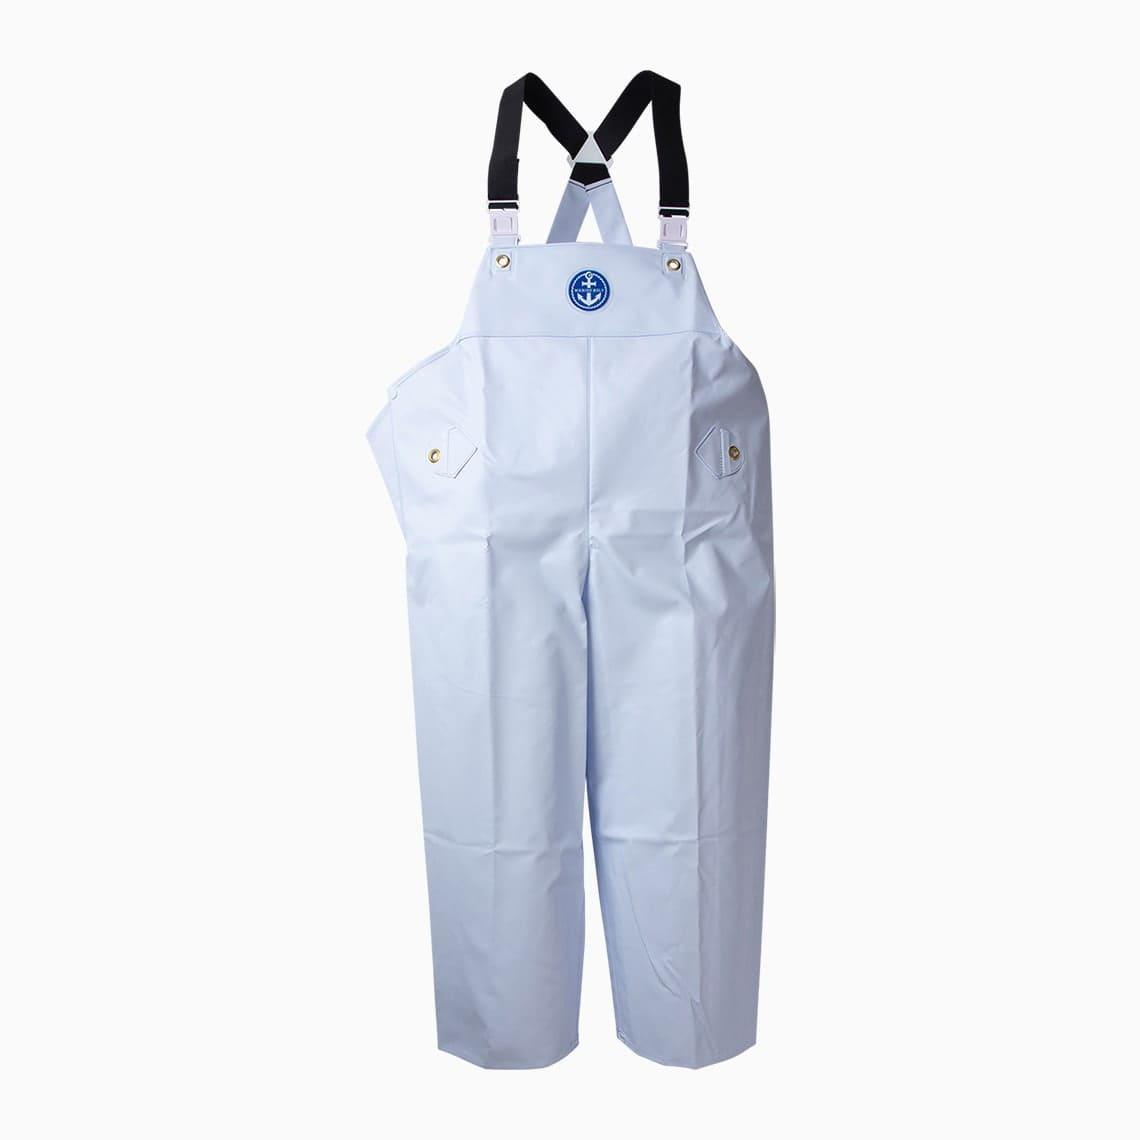 マリンレリー胸付ズボンホワイト